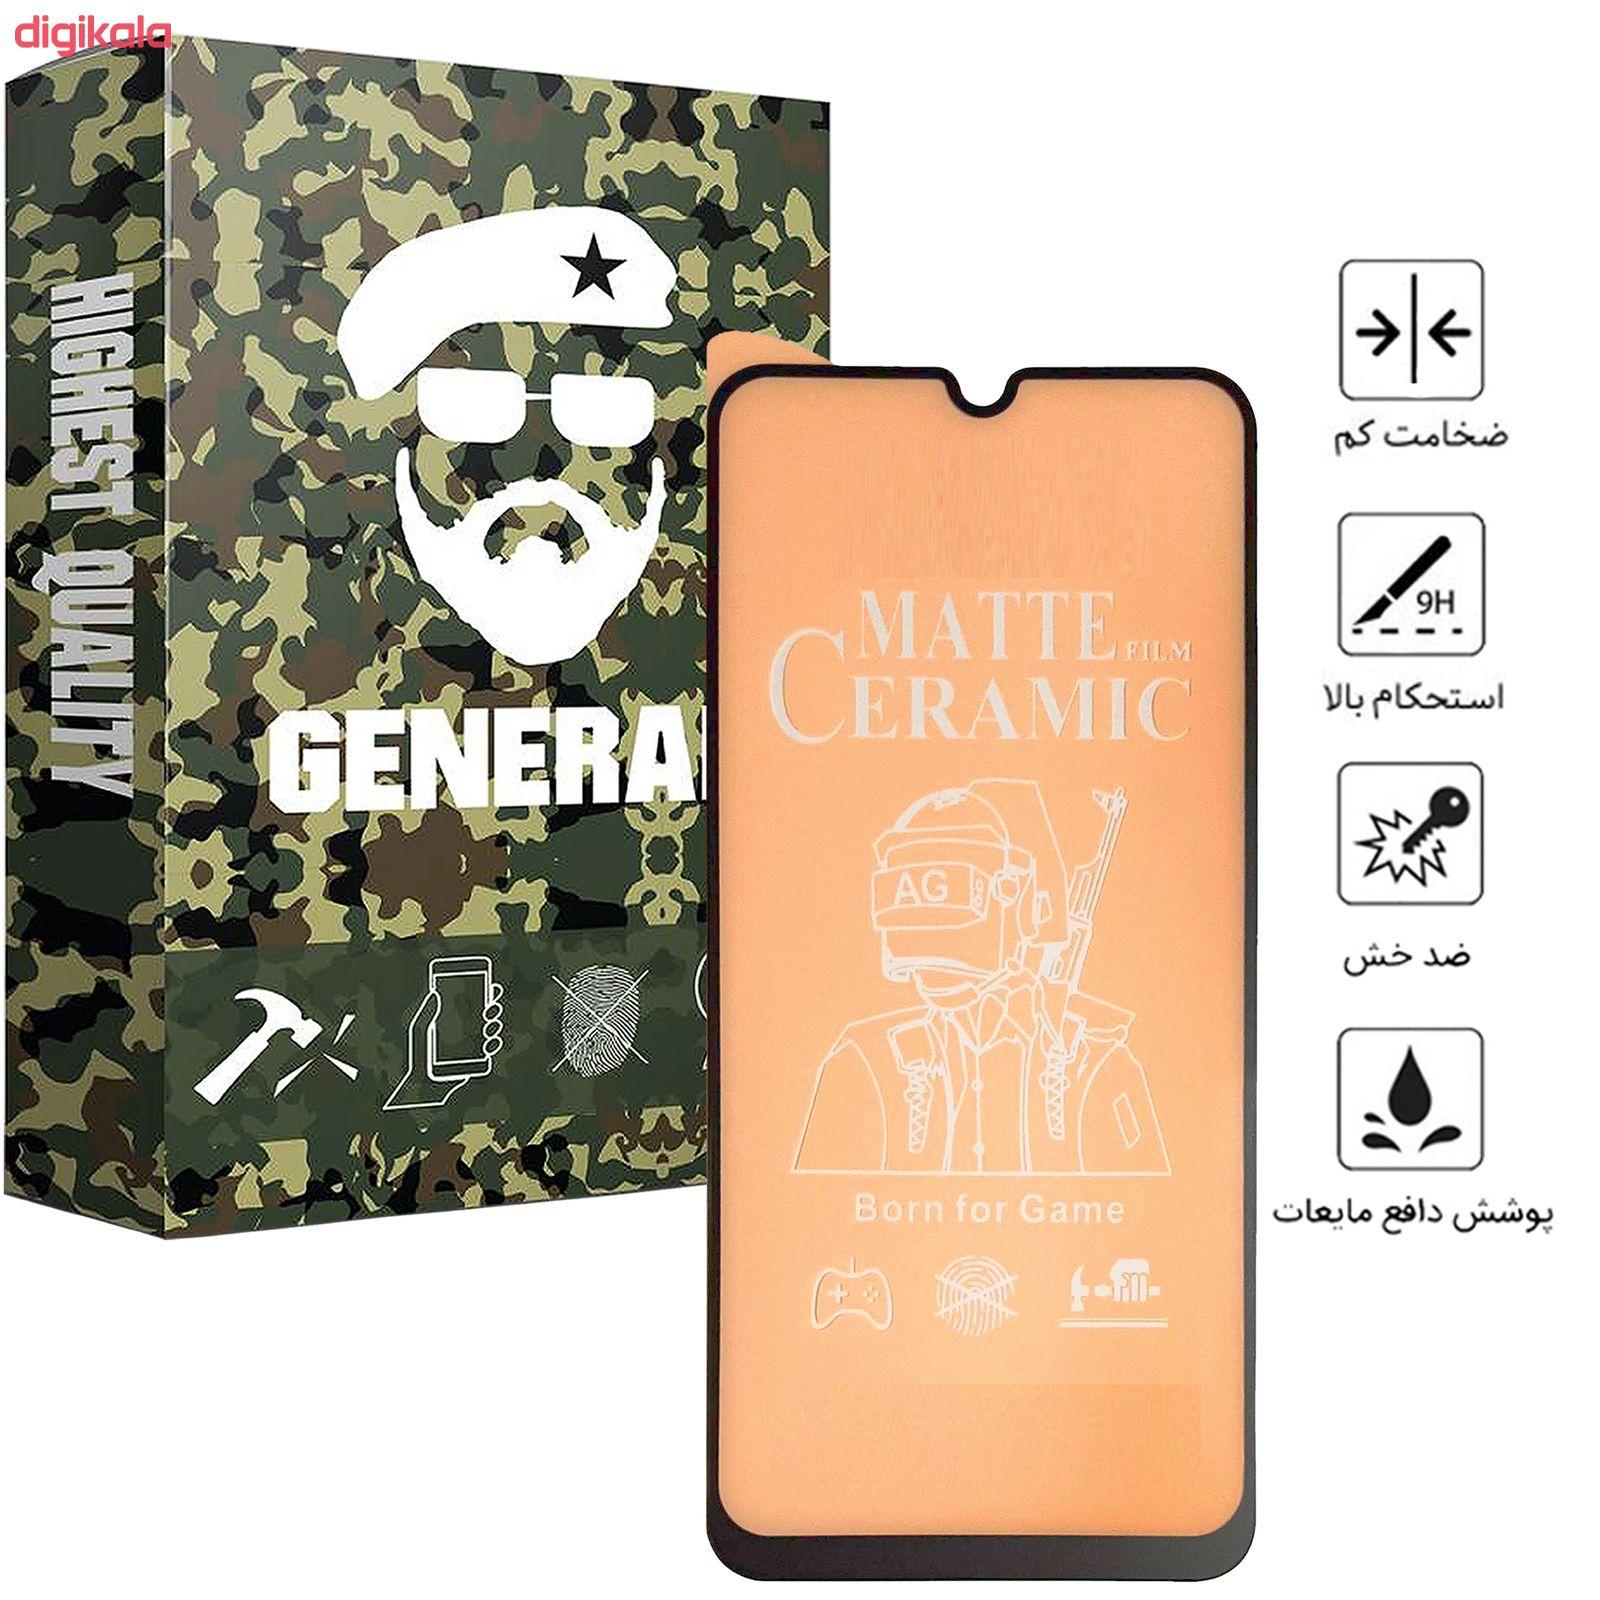 محافظ صفحه نمایش مات ژنرال مدل LKFCM مناسب برای گوشی موبایل سامسونگ Galaxy A70/ A70S main 1 2